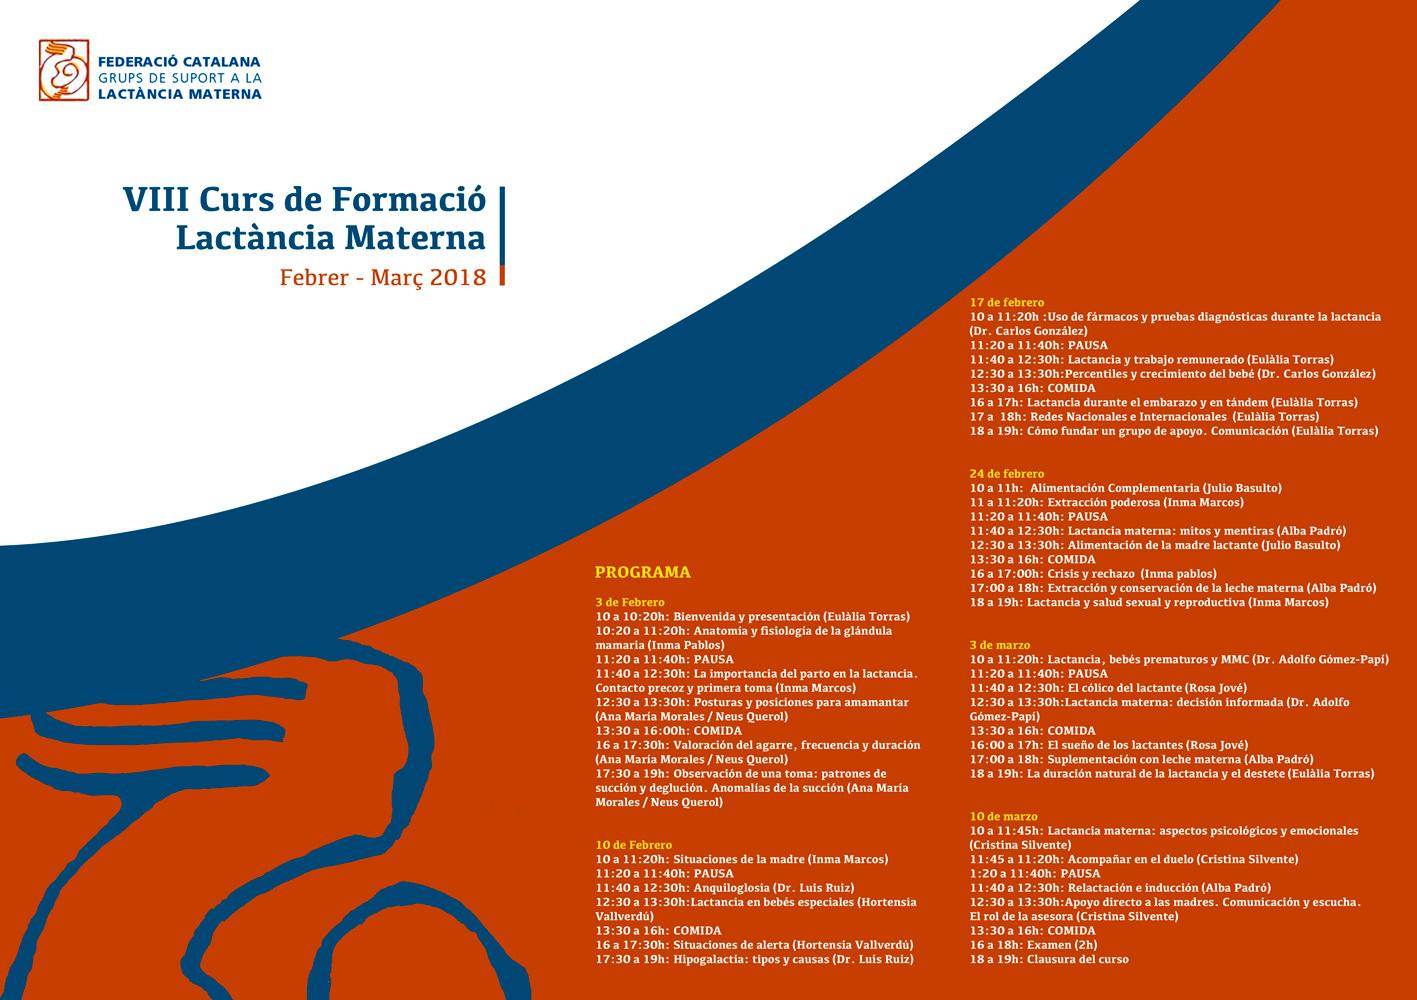 PROGRAMA-curs-formacio-2018_1000